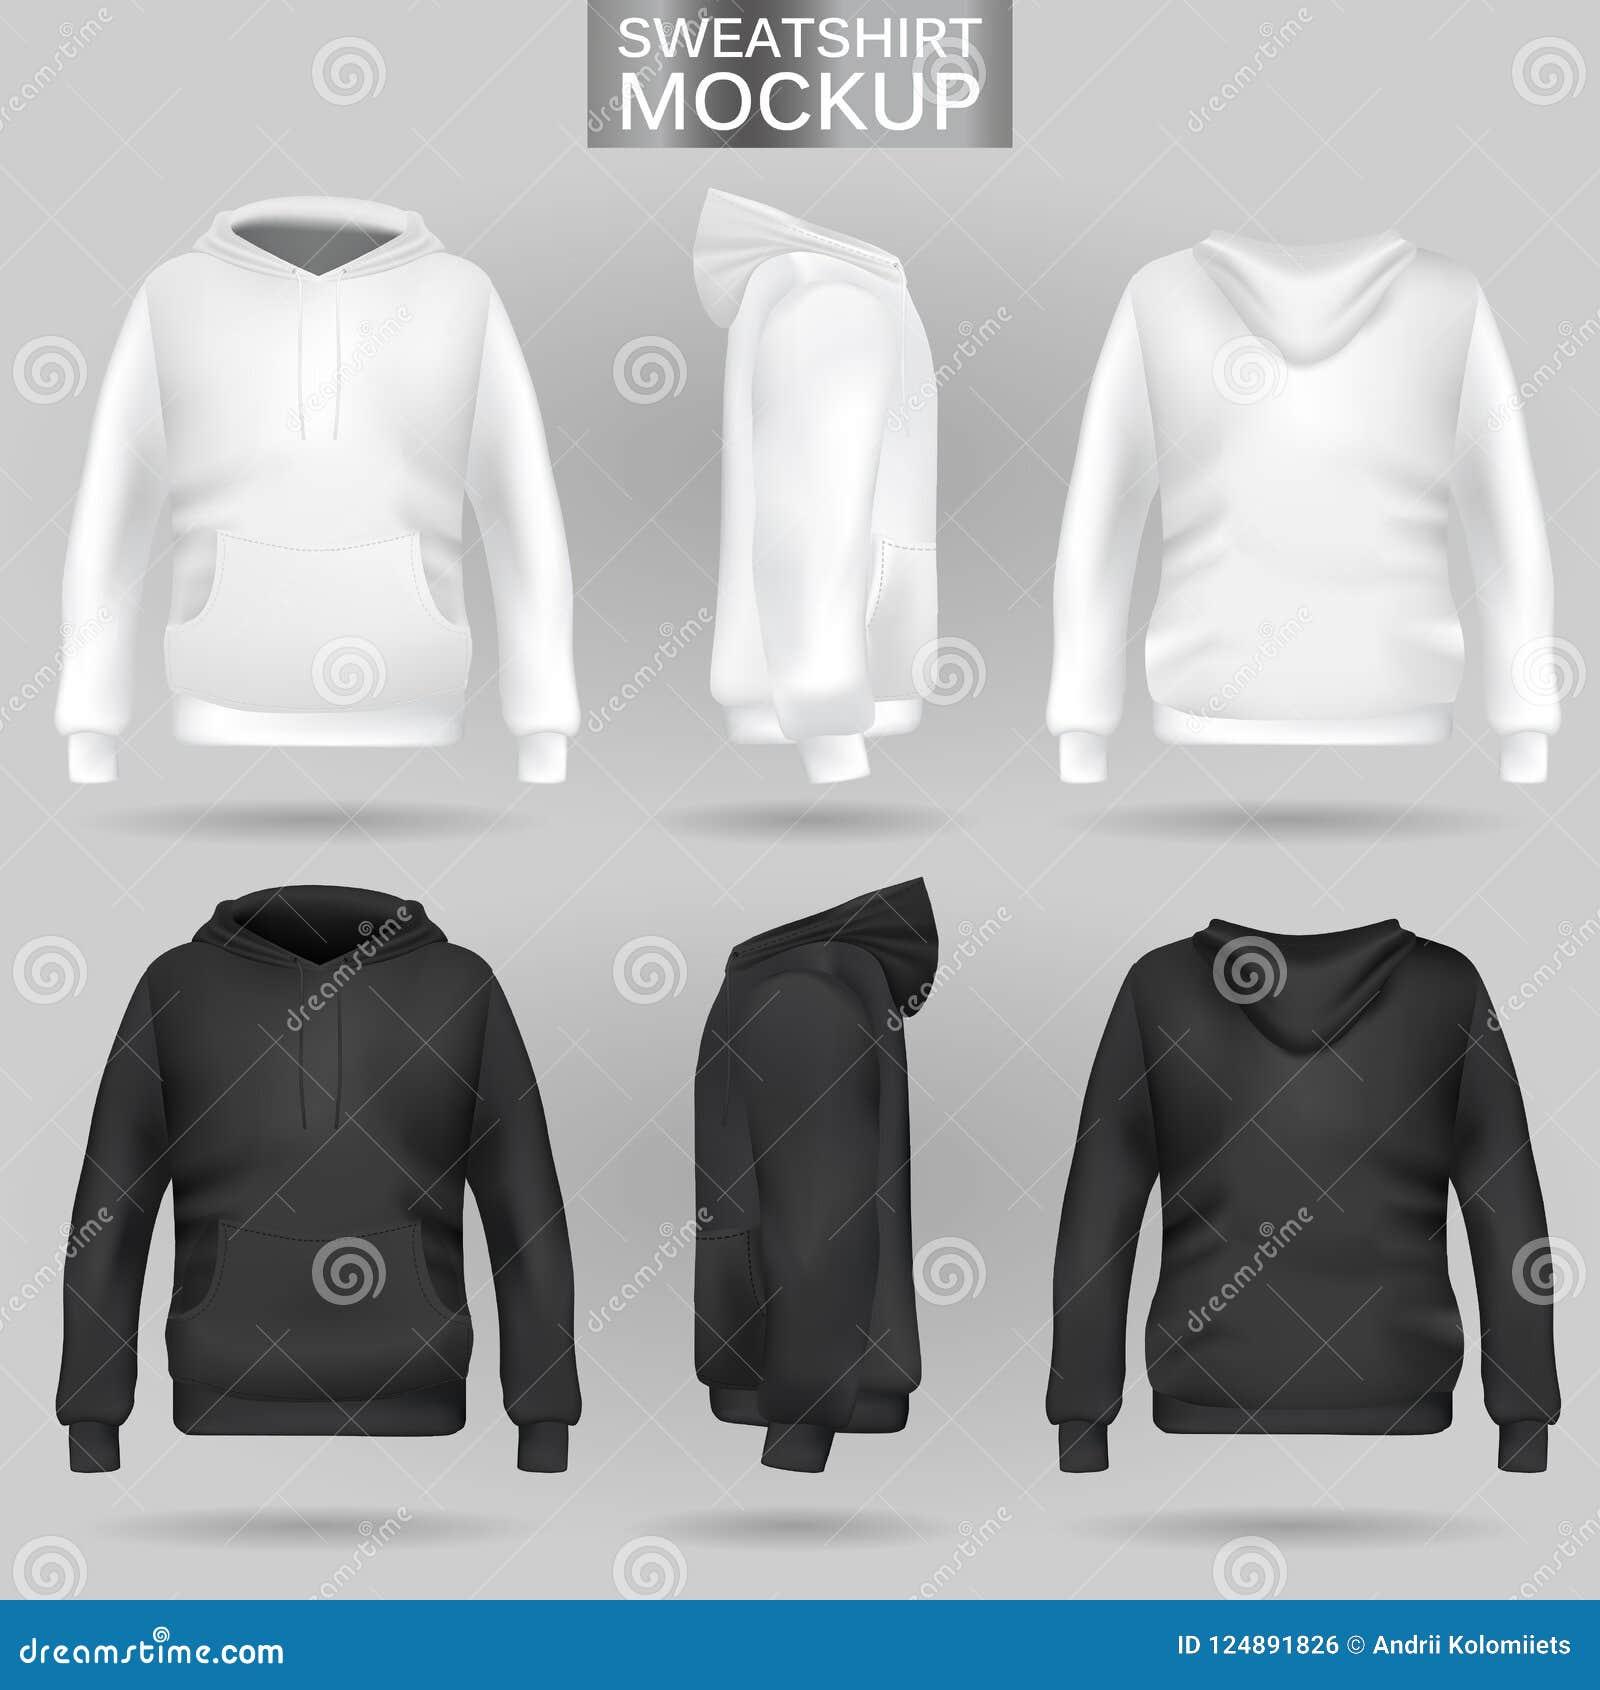 edc58650afa66 Calibre blanc et noir de hoodie de pull molletonné dans trois dimensions :  avant, côté et vue arrière, vecteur réaliste de maille de gradient  Vêtements pour ...